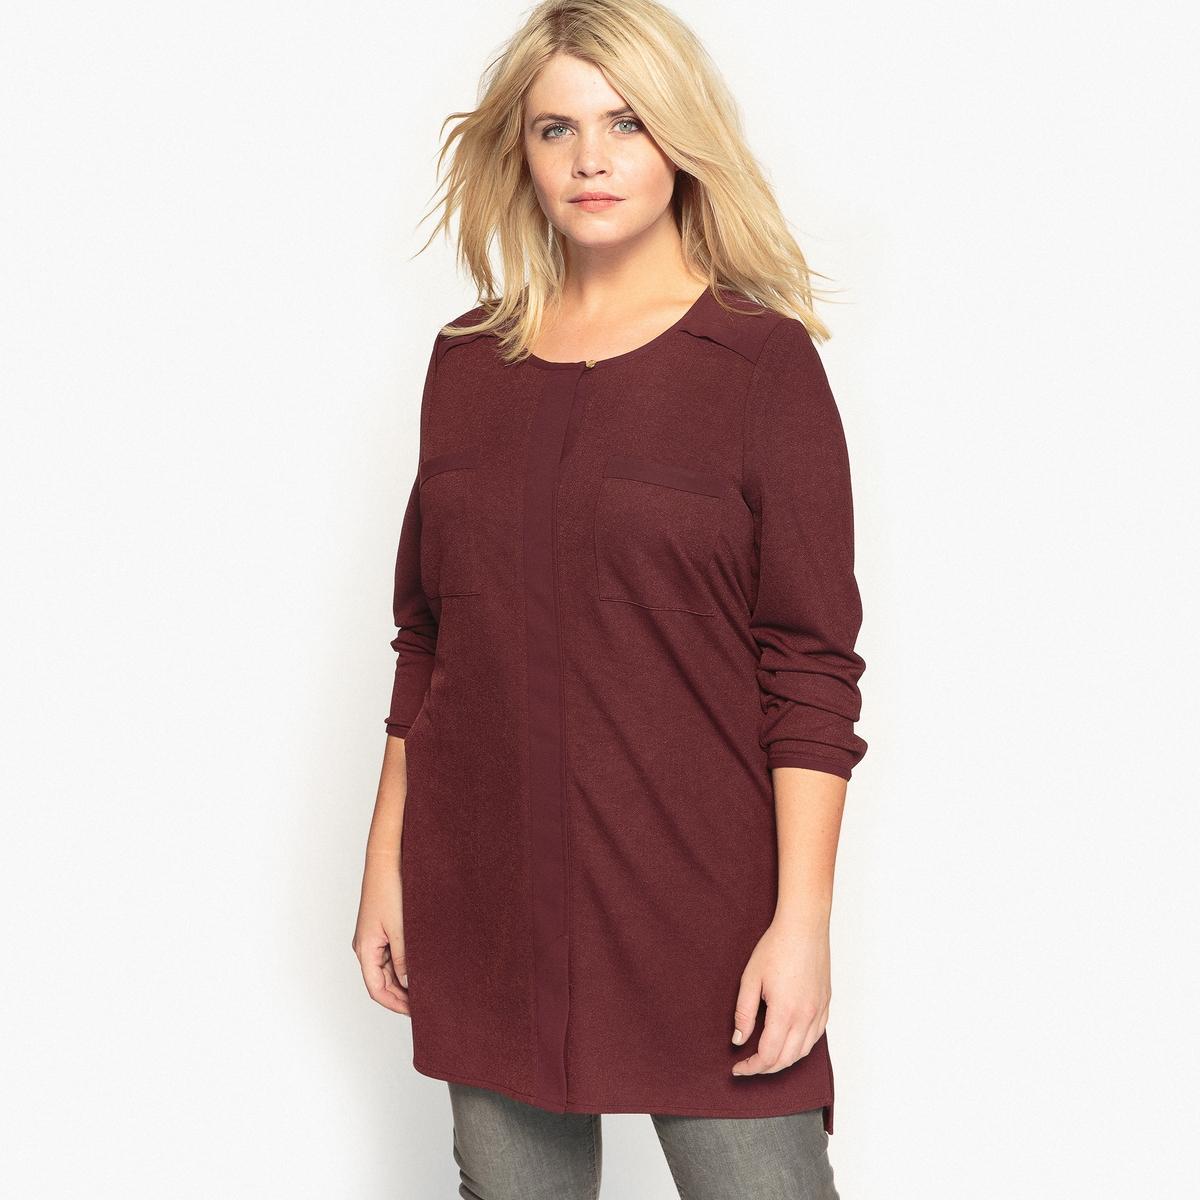 Футболка длинная с эффектом блузки и длинными рукавамиЭлегантная длинная футболка с эффектом блузки и сатиновыми вставками. Изящная длинная футболка отлично смотрится с зауженными брюками или джинсами-слим.Детали •  Длинные рукава •  Круглый вырезСостав и уход •  5% эластана, 95% полиэстера  •  Температура стирки 30° на деликатном режиме   •  Сухая чистка и отбеливание запрещены •  Не использовать барабанную сушку •  Низкая температура глажкиТовар из коллекции больших размеров<br><br>Цвет: гранатовый,темно-синий<br>Размер: 46 (FR) - 52 (RUS)